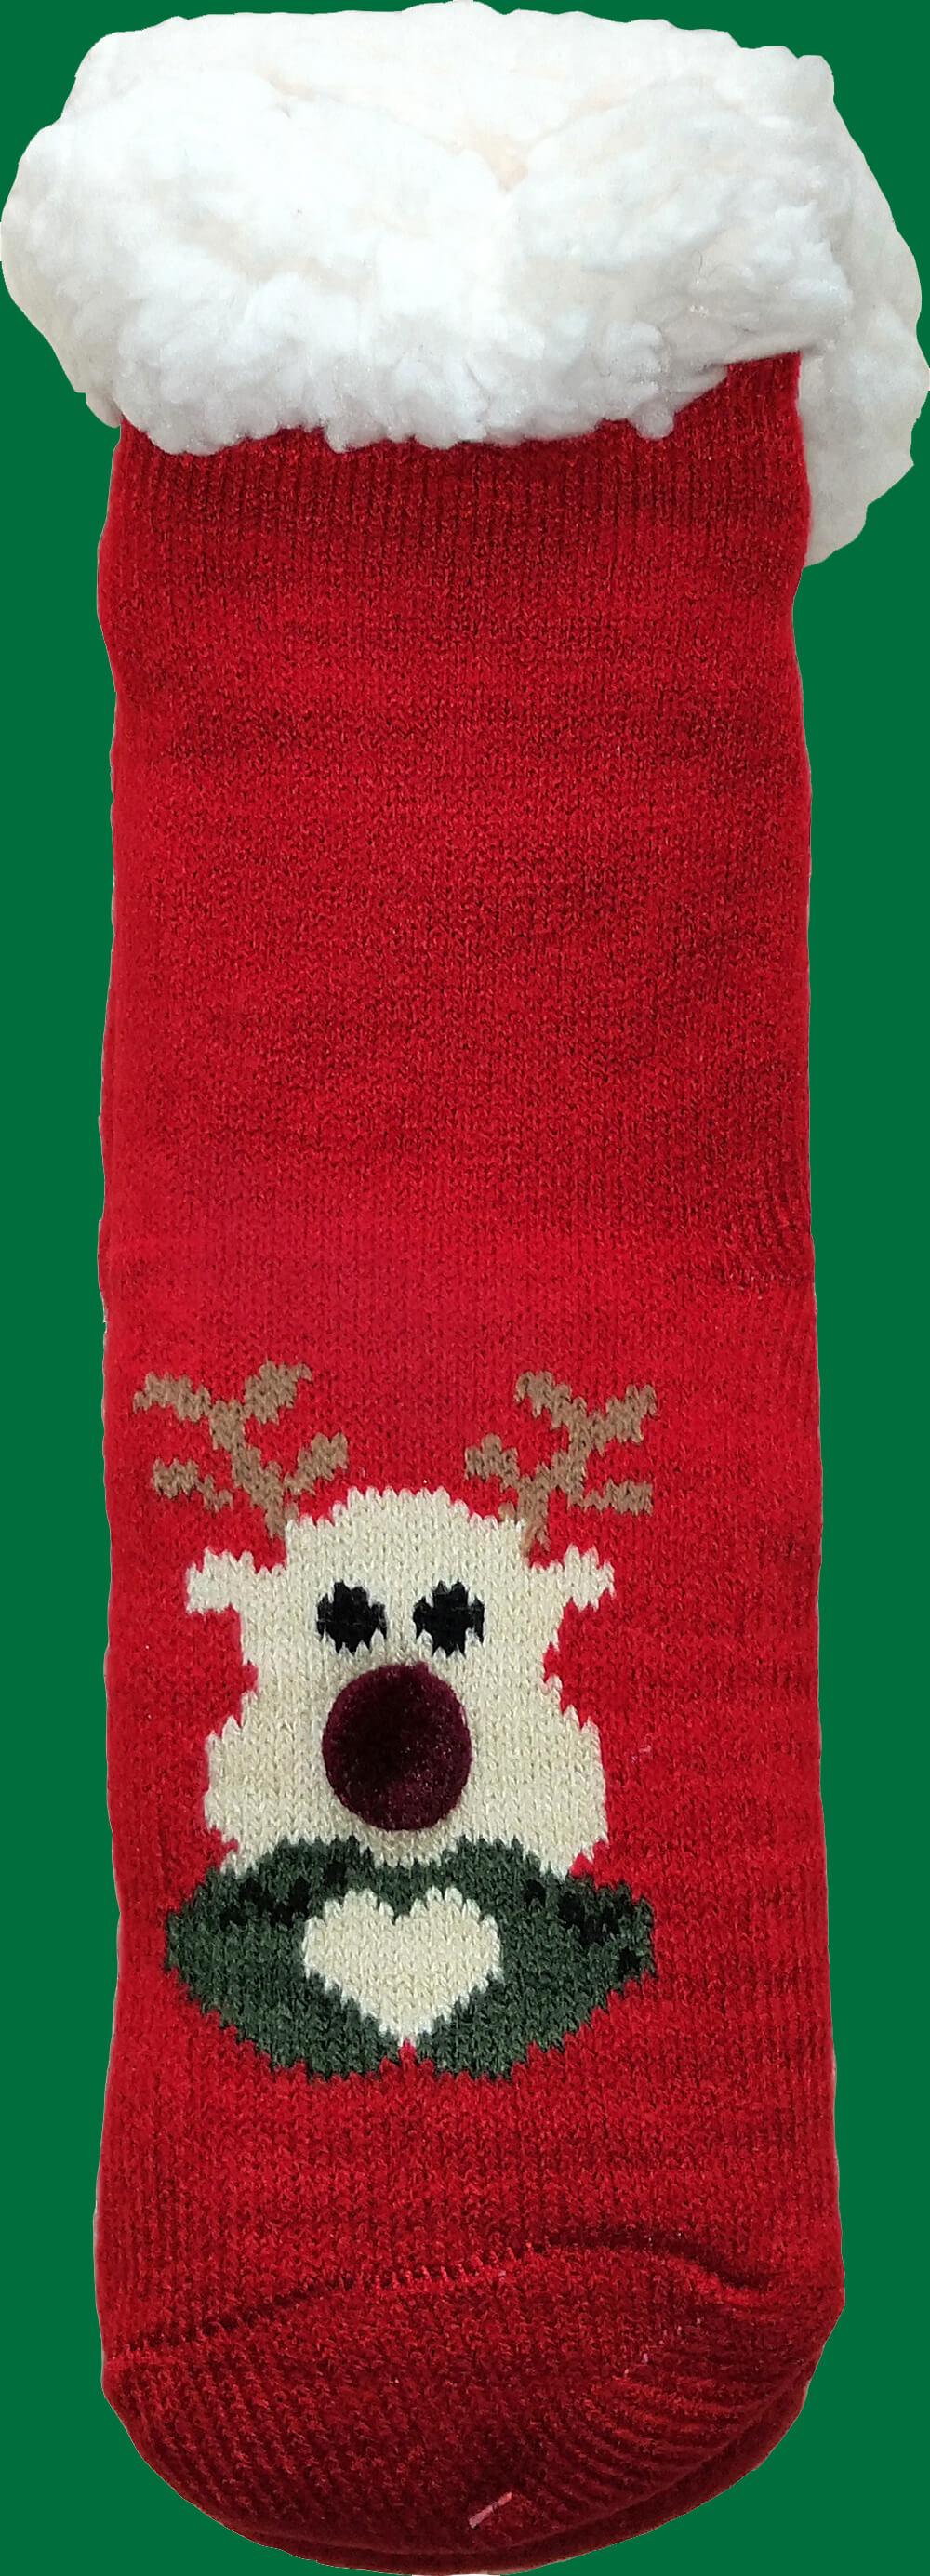 Детские носки-тапочки LookEN SM-HL-7211D красного цвета.